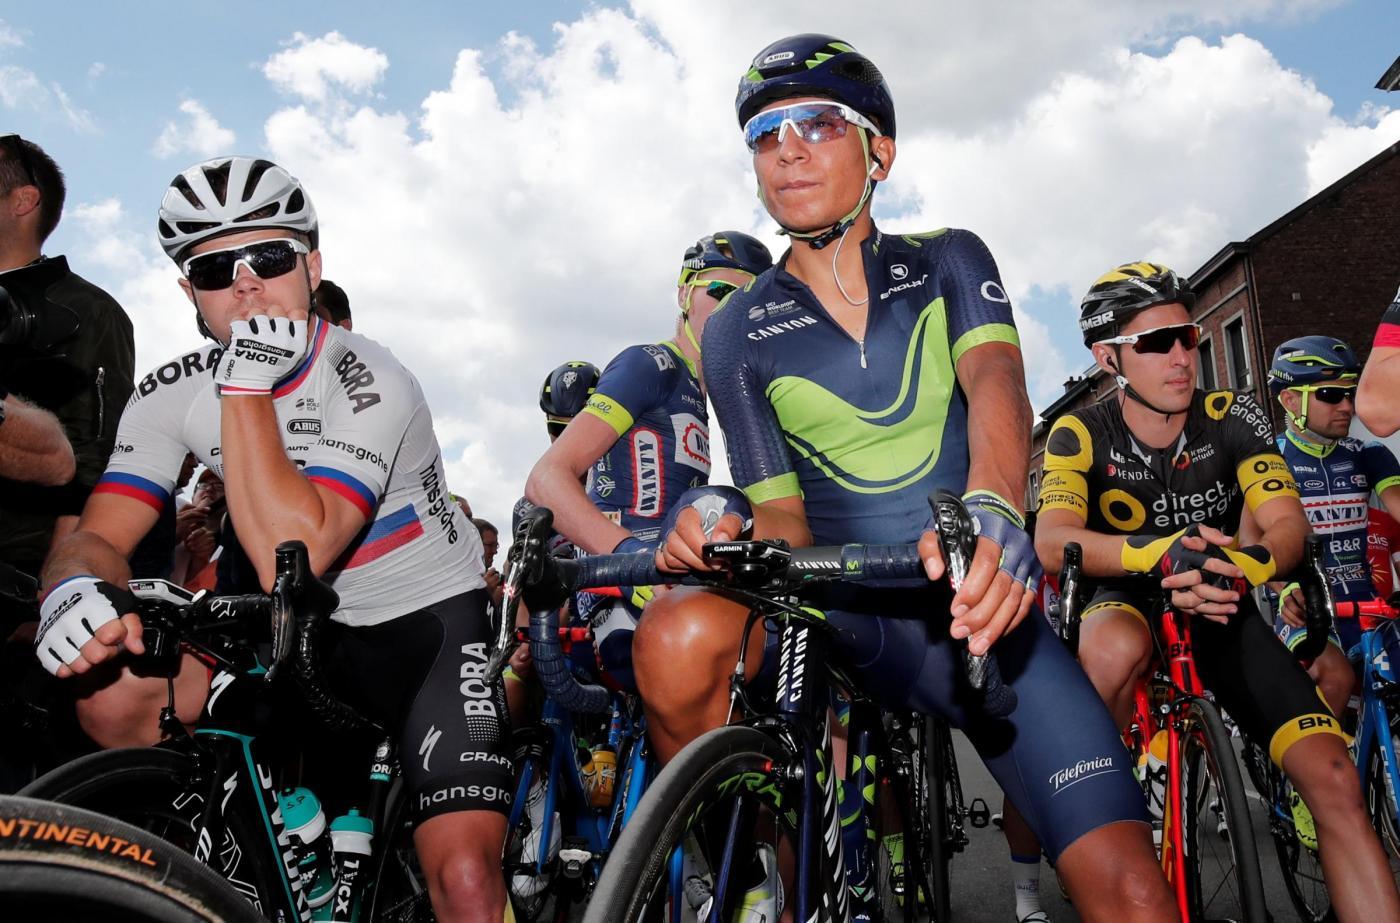 DIRETTA / Tour de France 2017